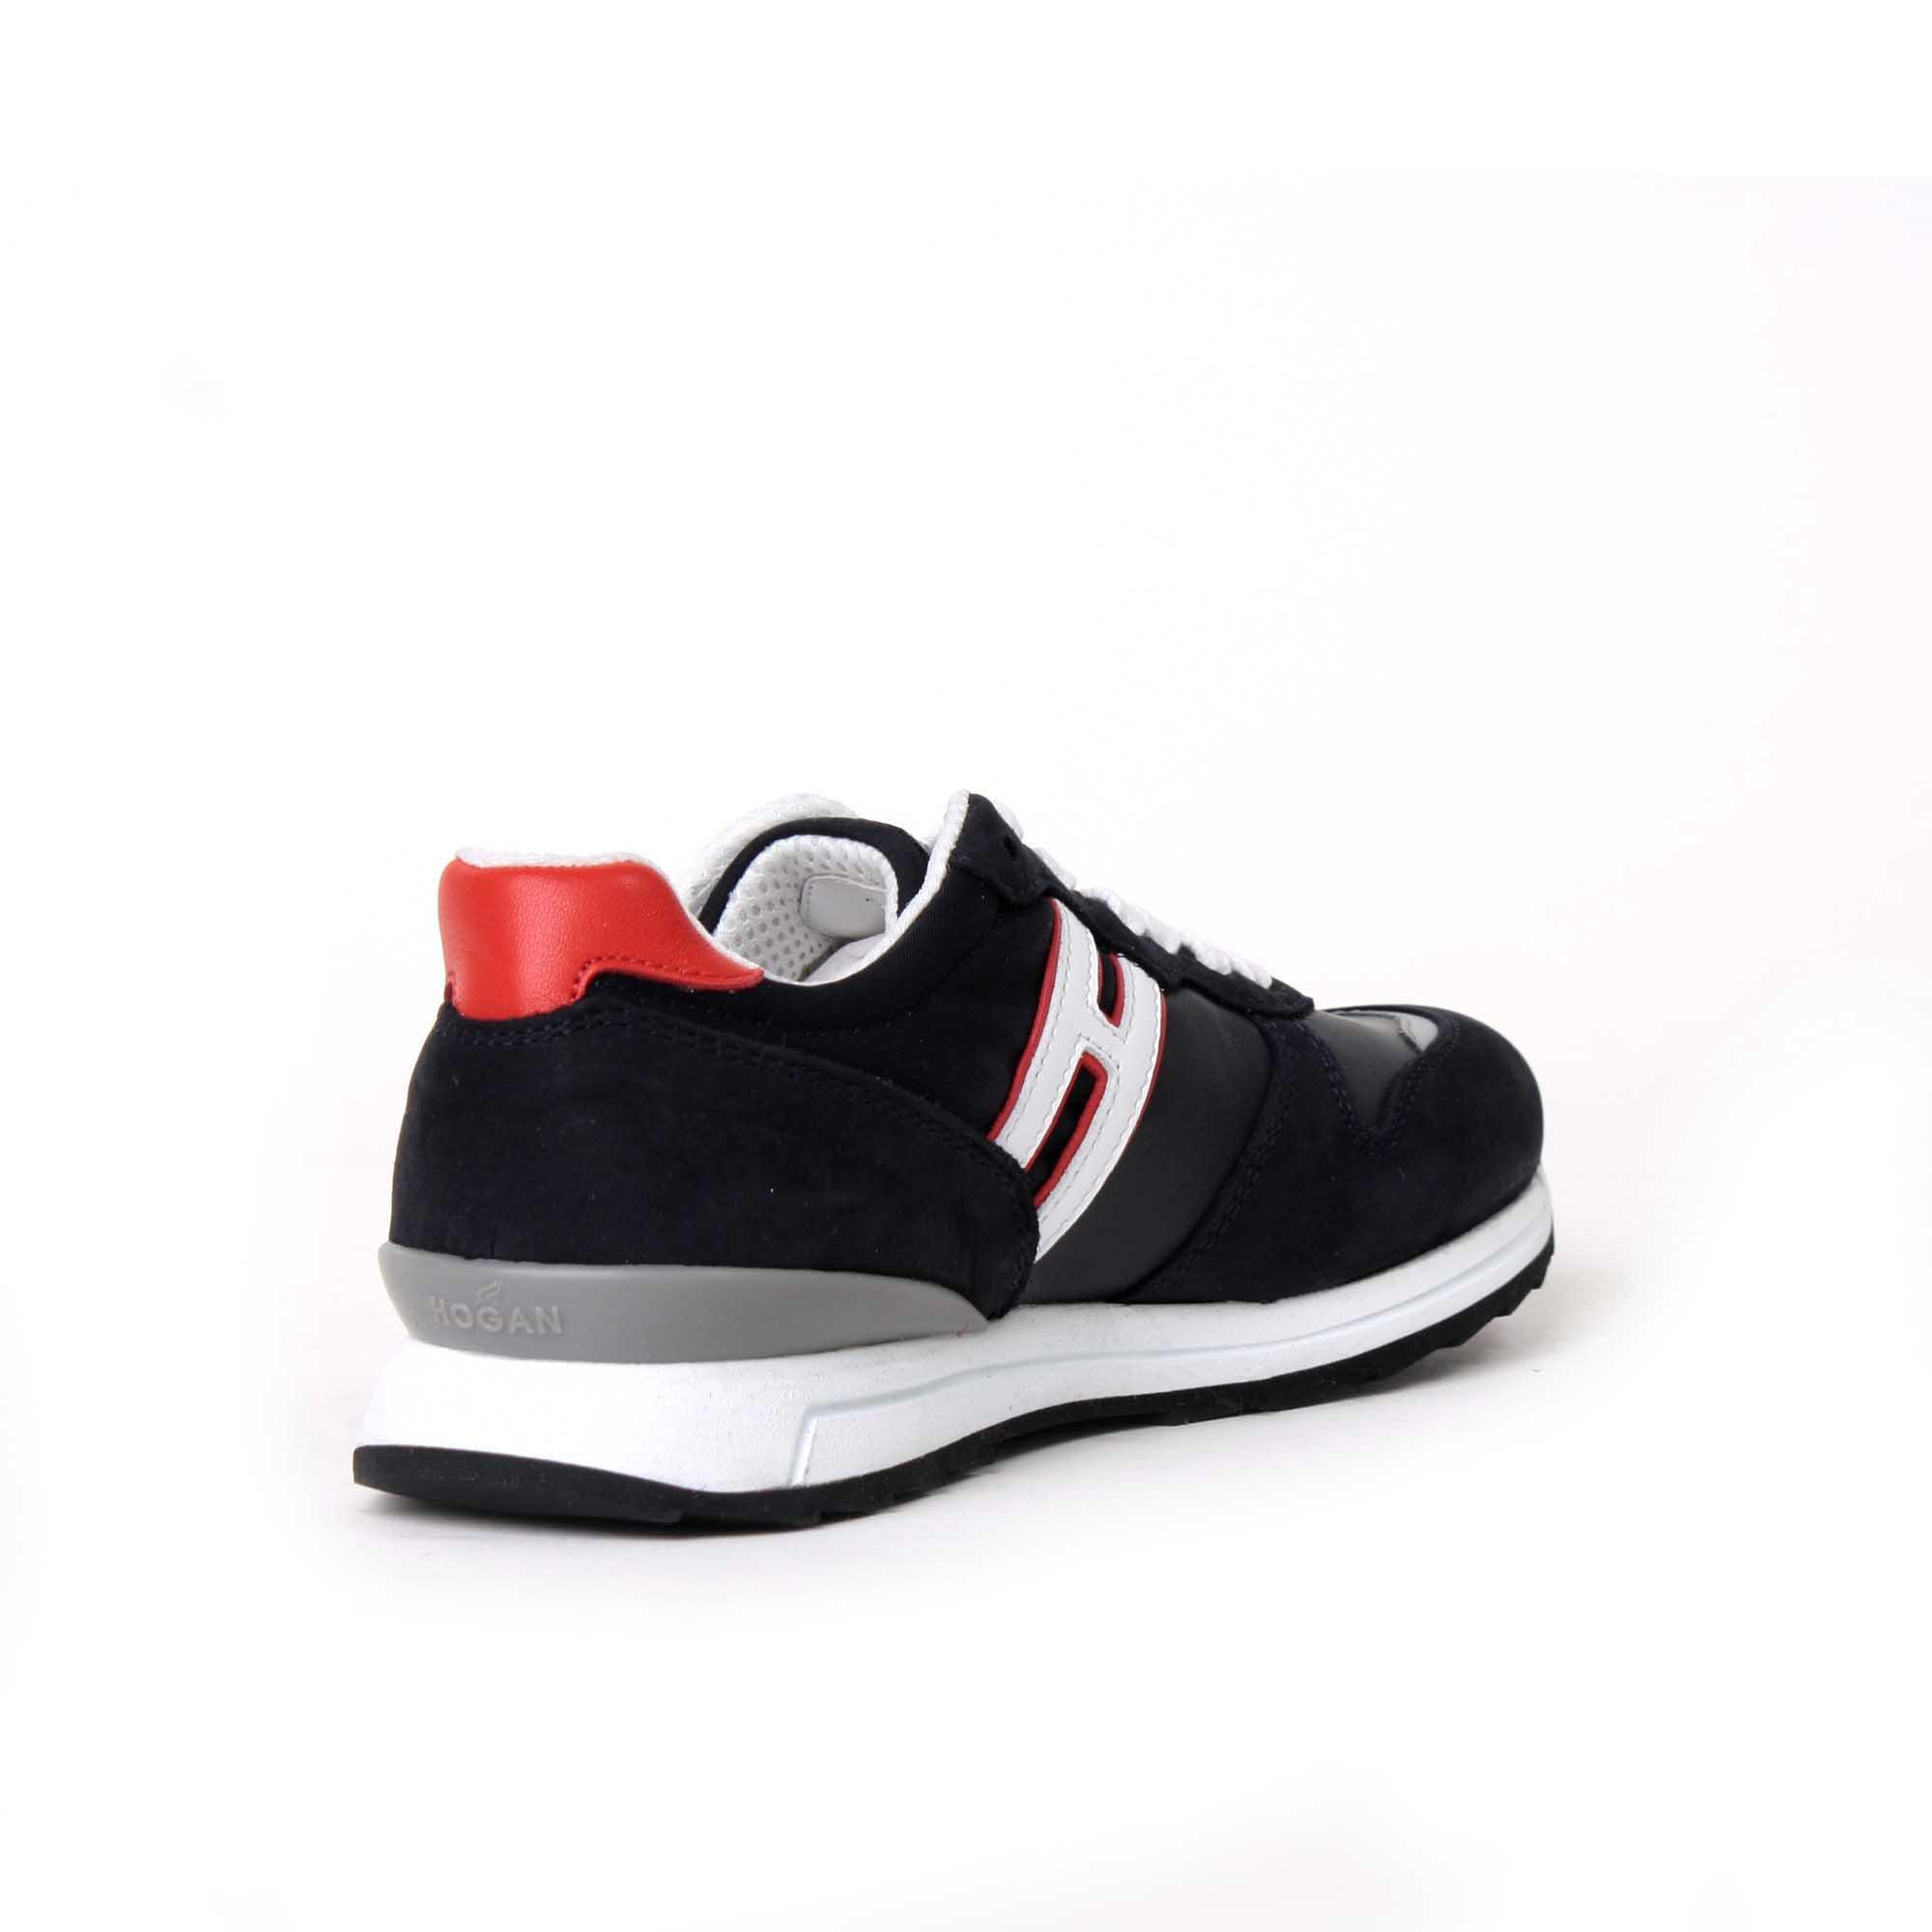 Alta qualit Sneakers Hogan Running Pelle vendita